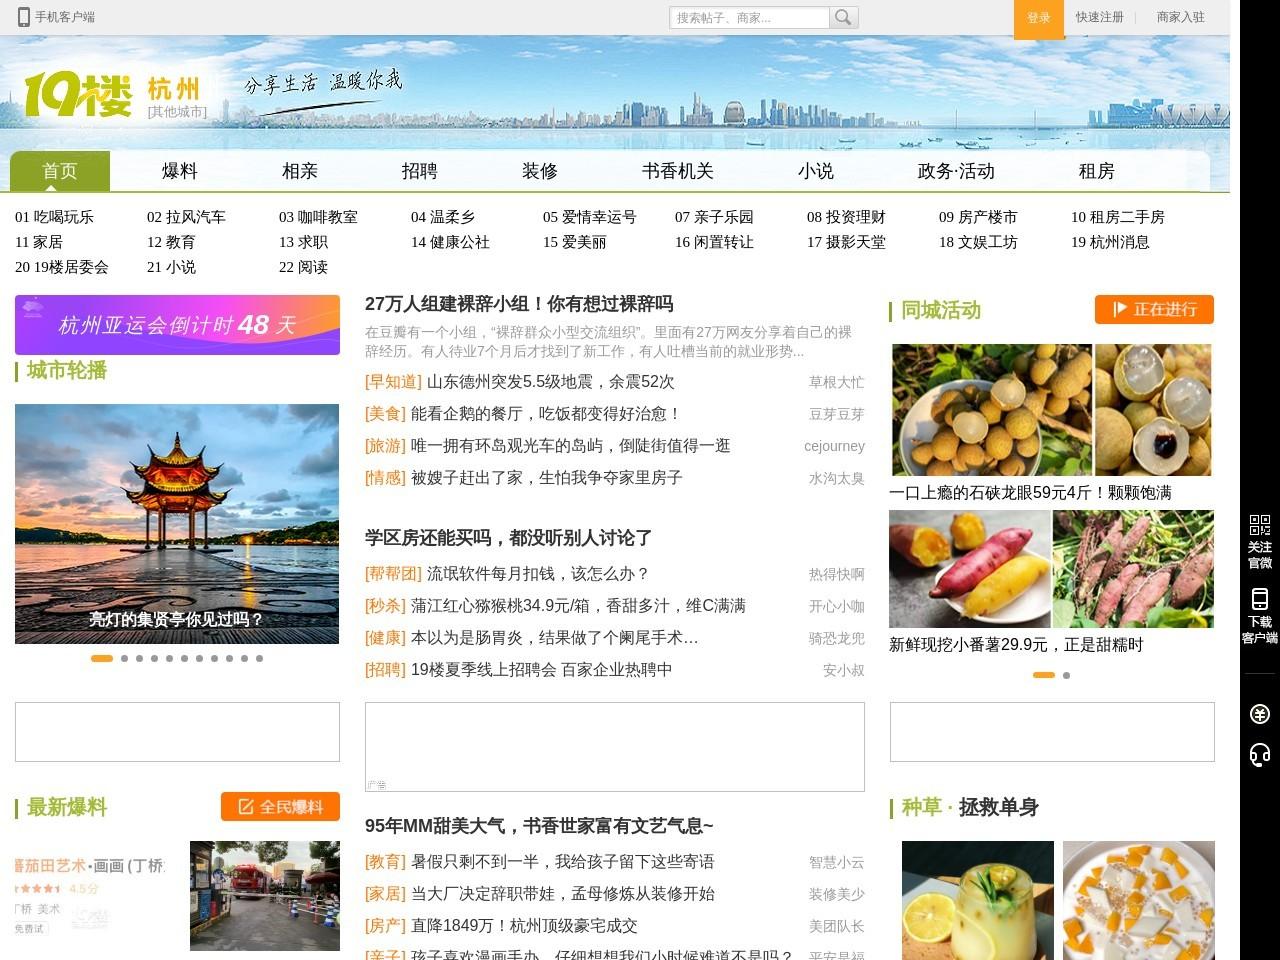 杭州19楼本地论坛-找对象、办婚礼、搞装修、聊育儿、看小说、租房买卖二手房